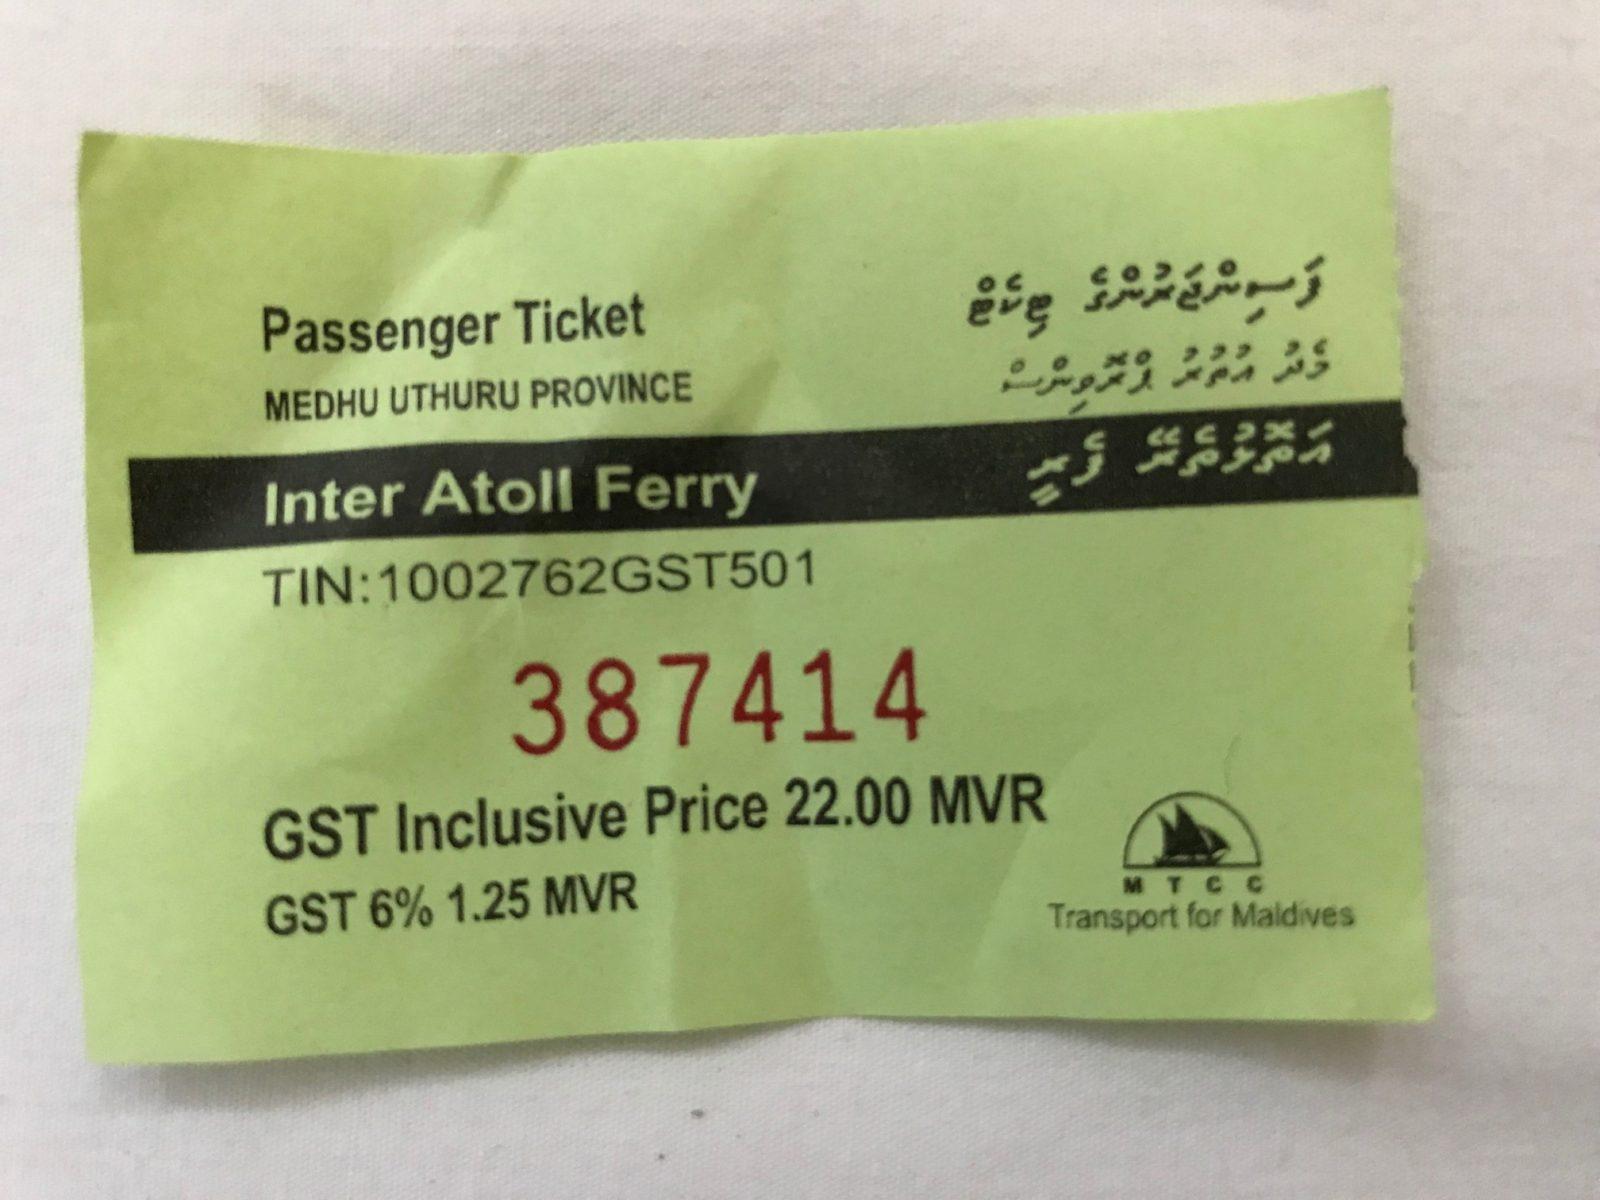 билеты на паром в Мале, Мальдивы